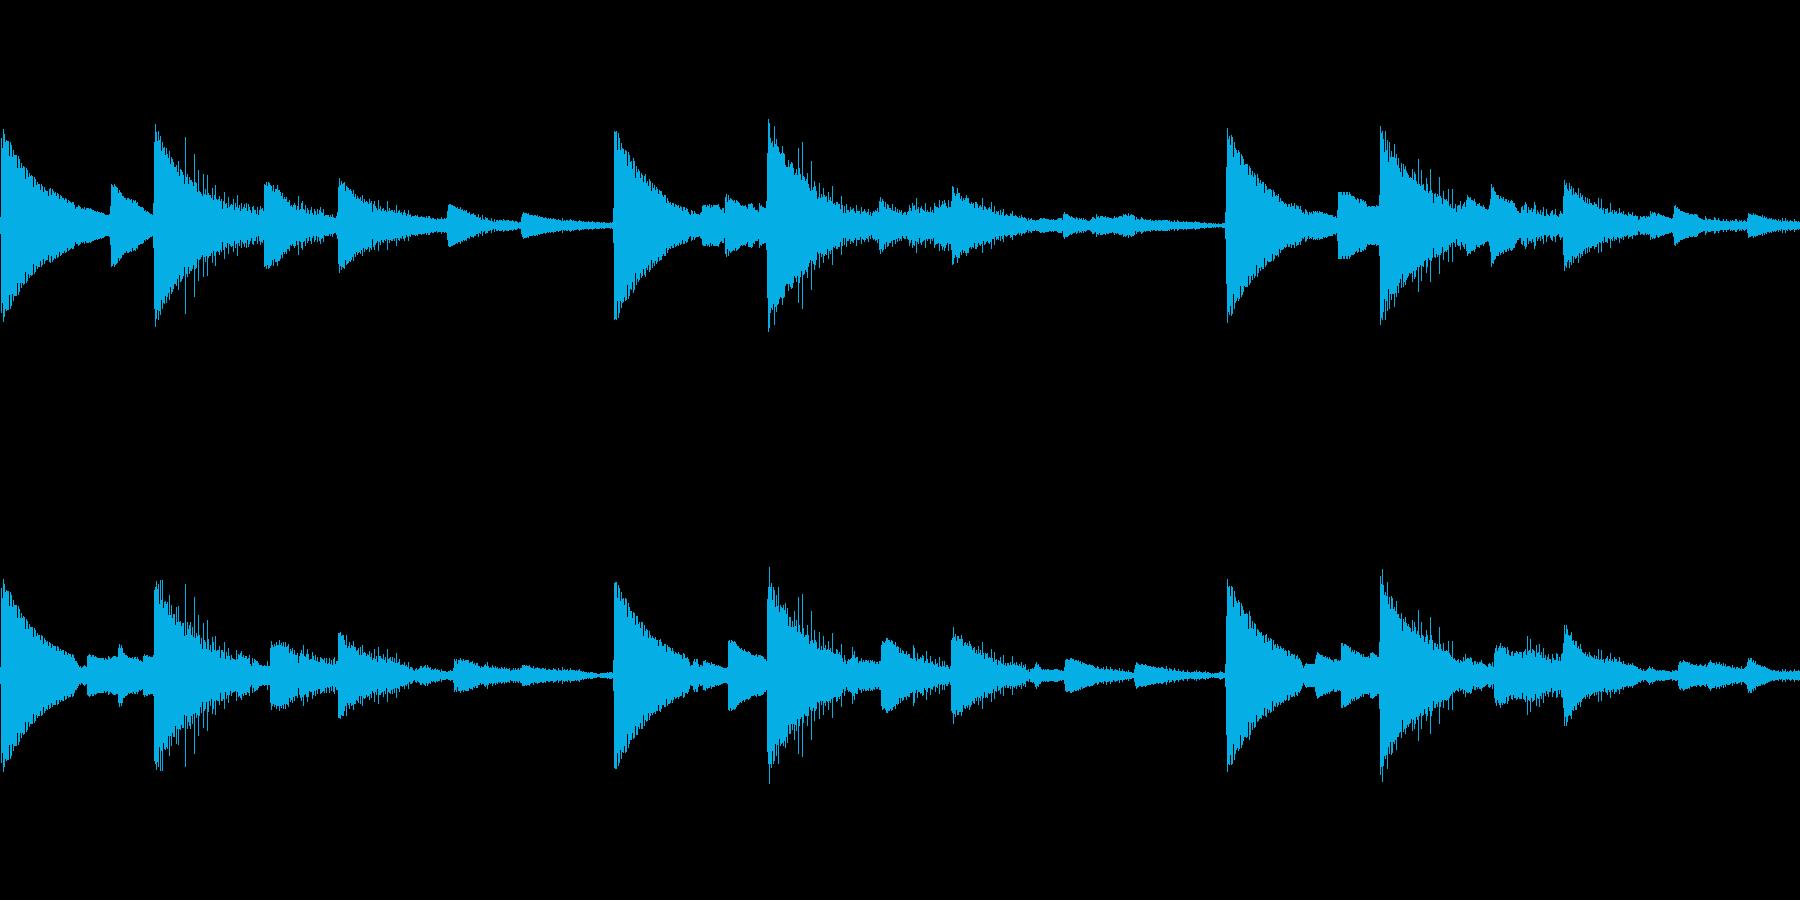 ピンチアラームブザー音 ピコピコ ループの再生済みの波形